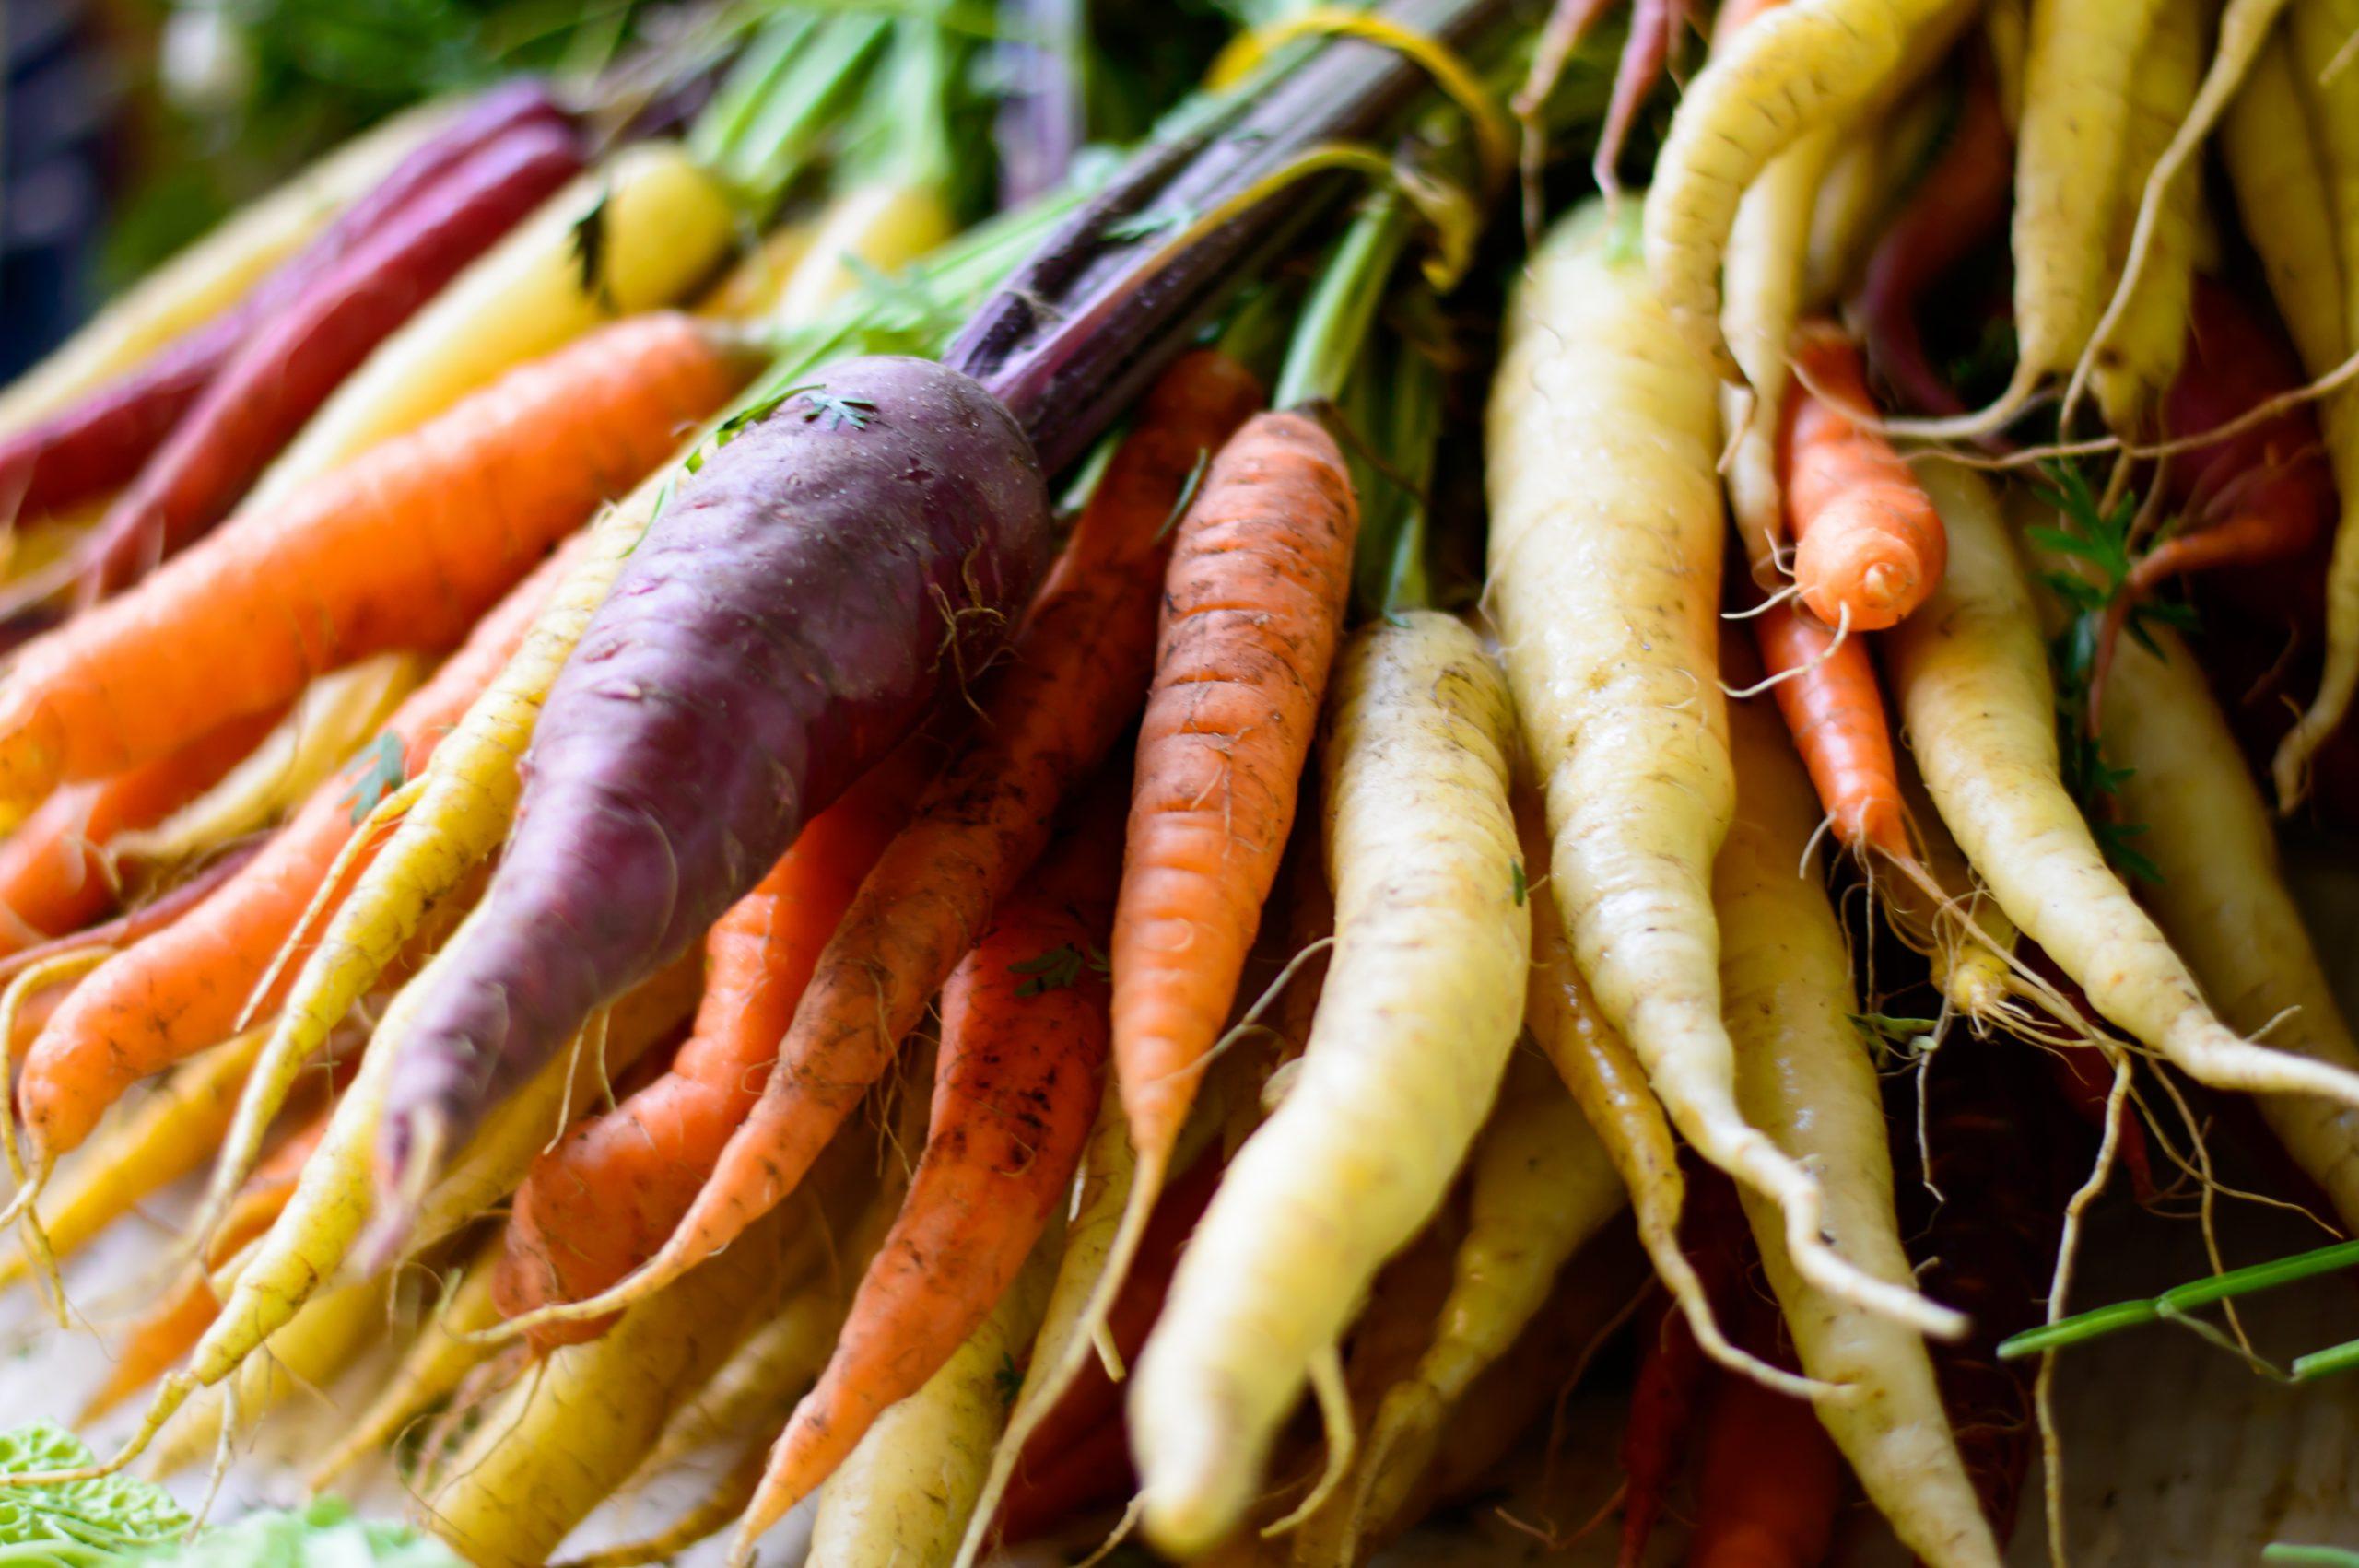 Stahlbush Island Farms Tri Colored Carrots in Field